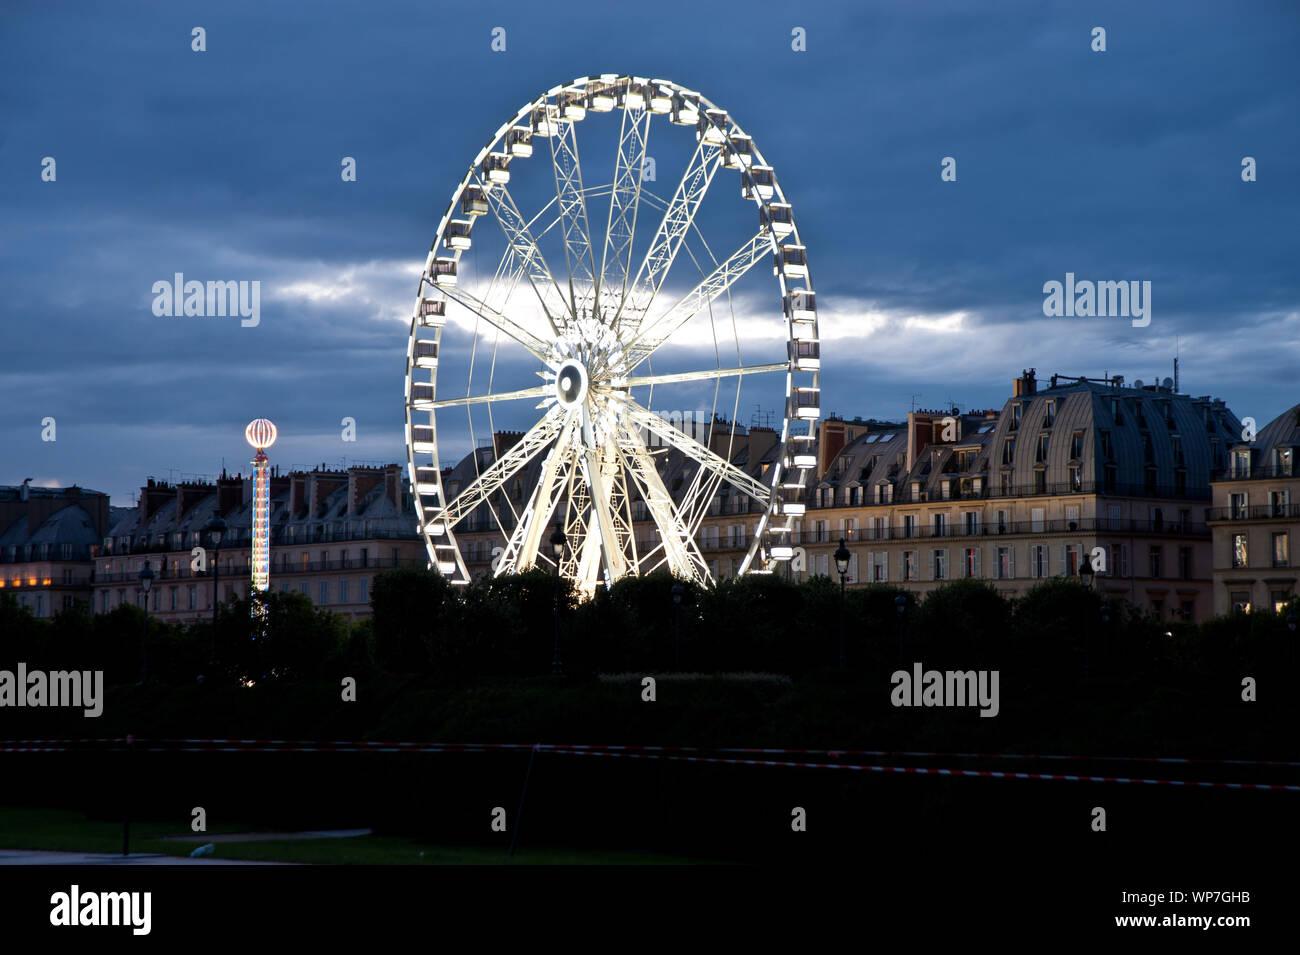 Der Jardin des Tuileries ist ein im französischen Stil gehaltener ehemaliger Barock-Schlosspark beim Louvre in Paris. Die Parkanlage erstreckt sich vo Stockfoto